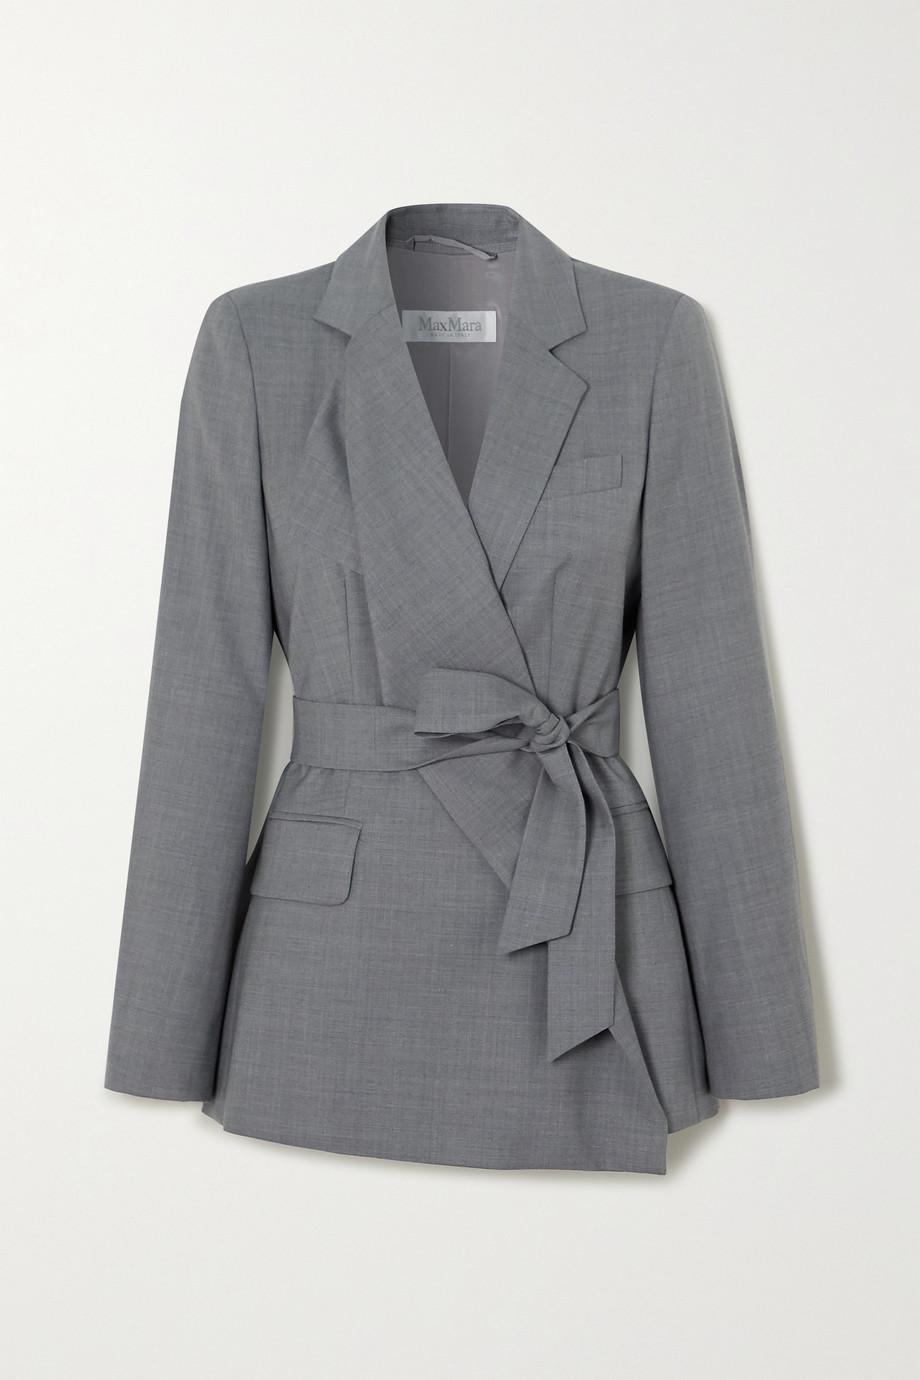 Max Mara Belluno belted asymmetric wool blazer